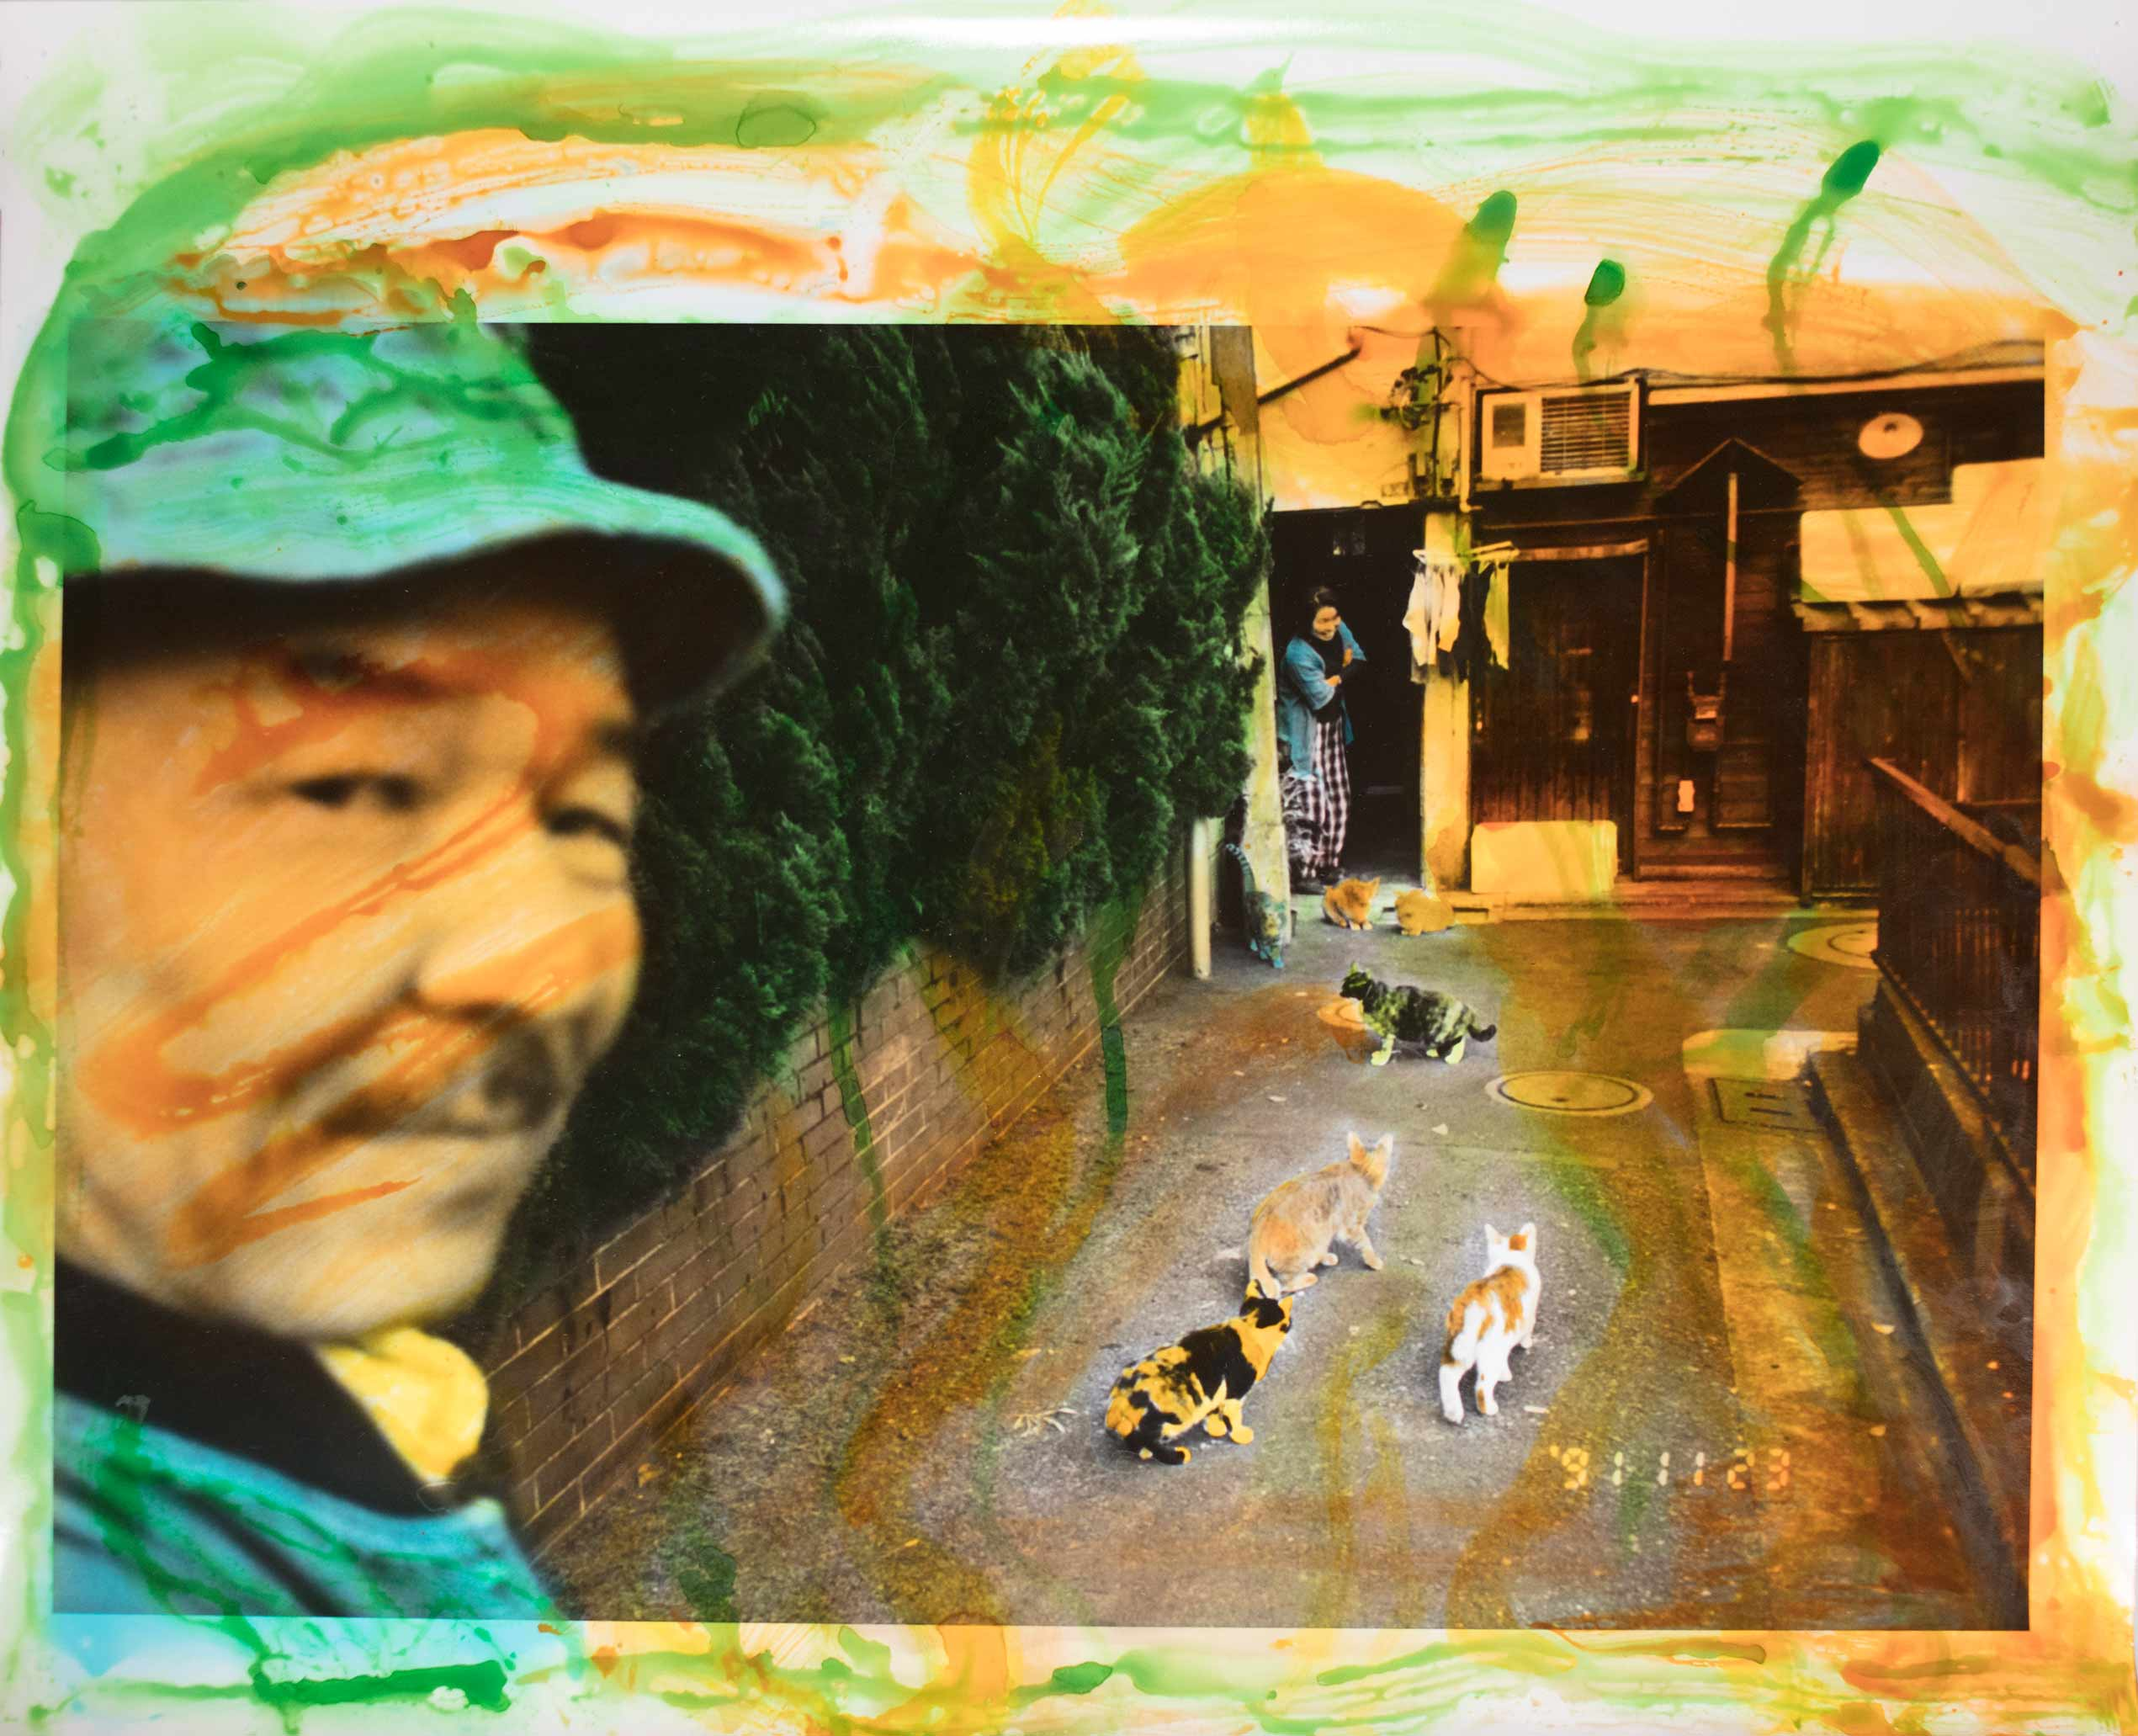 """Fukase, l'incurable égoïste est la première rétrospective de l'œuvre de Masahisa Fukase à avoir lieu en Europe ; c'est là l'occasion pour un grand nombre d'œuvres de quitter le Japon pour la première fois. Masahisa Fukase est sans conteste considéré comme l'un des photographes les plus radicaux et les plus influents de sa génération. Masahisa Fukase, """"Private Scenes"""", 1991. Avec l'aimable autorisation de Masahisa Fukase Archives."""